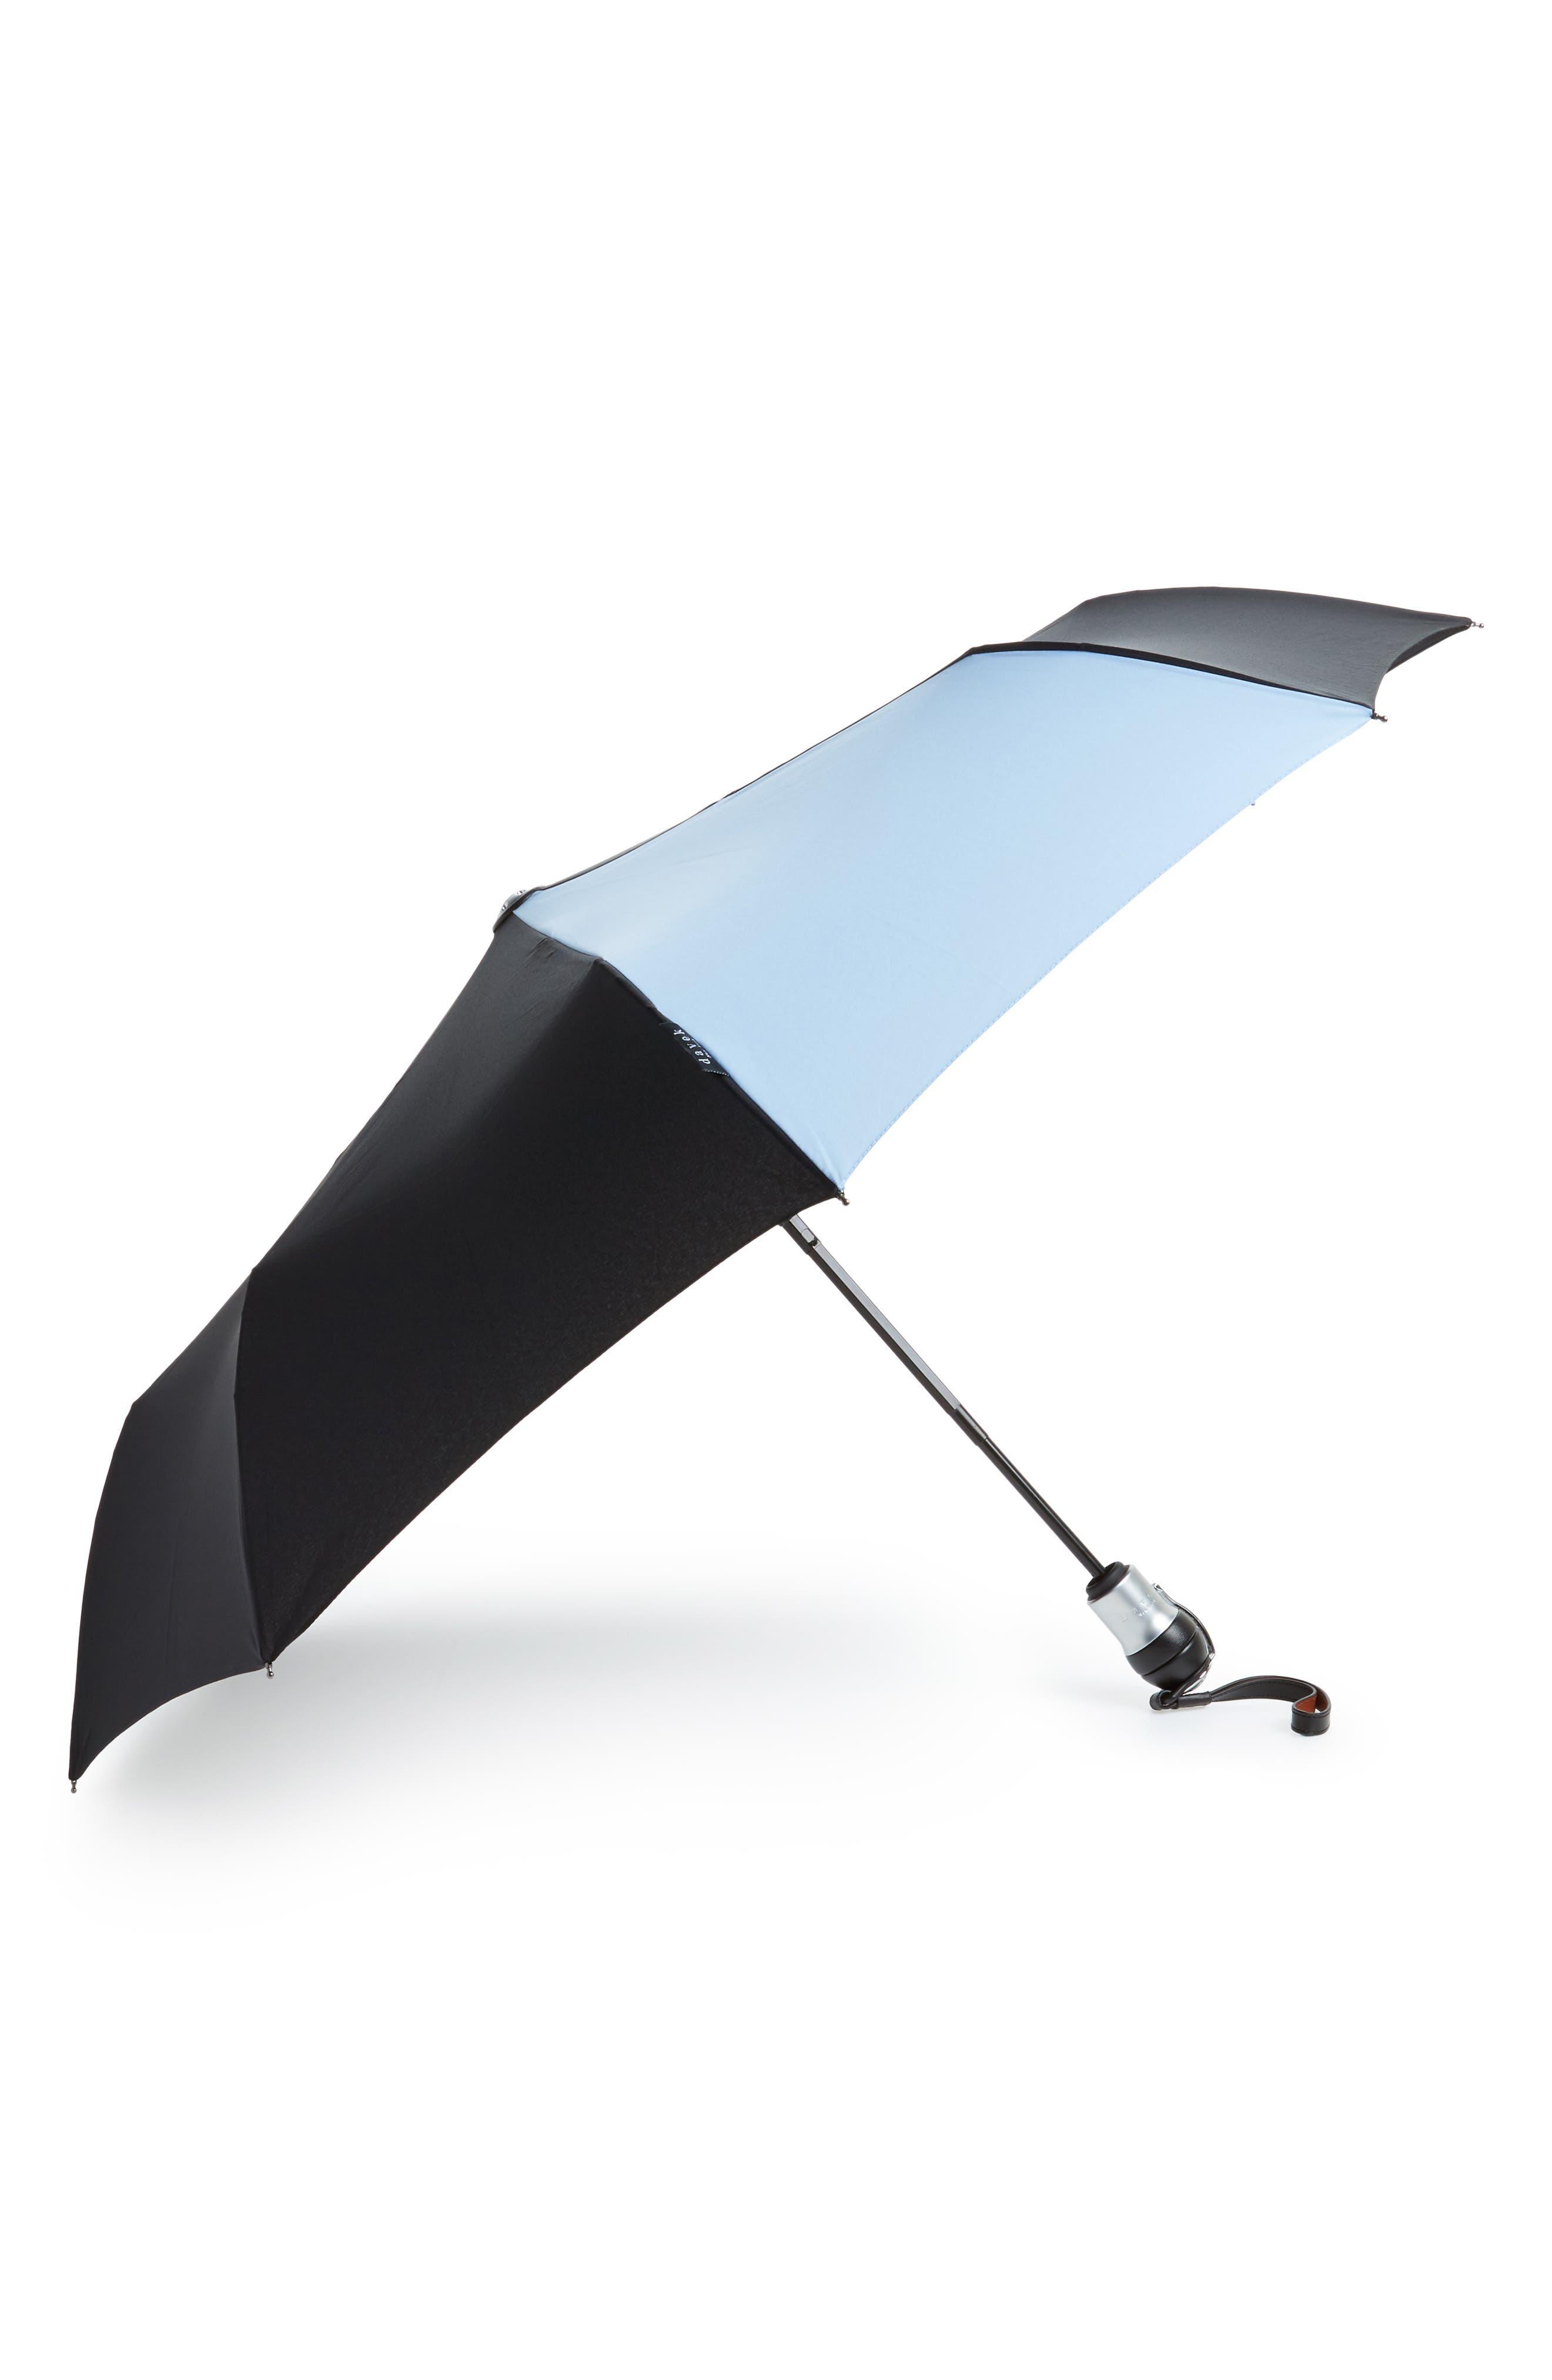 Main Image - DAVEK Solo Medium Umbrella